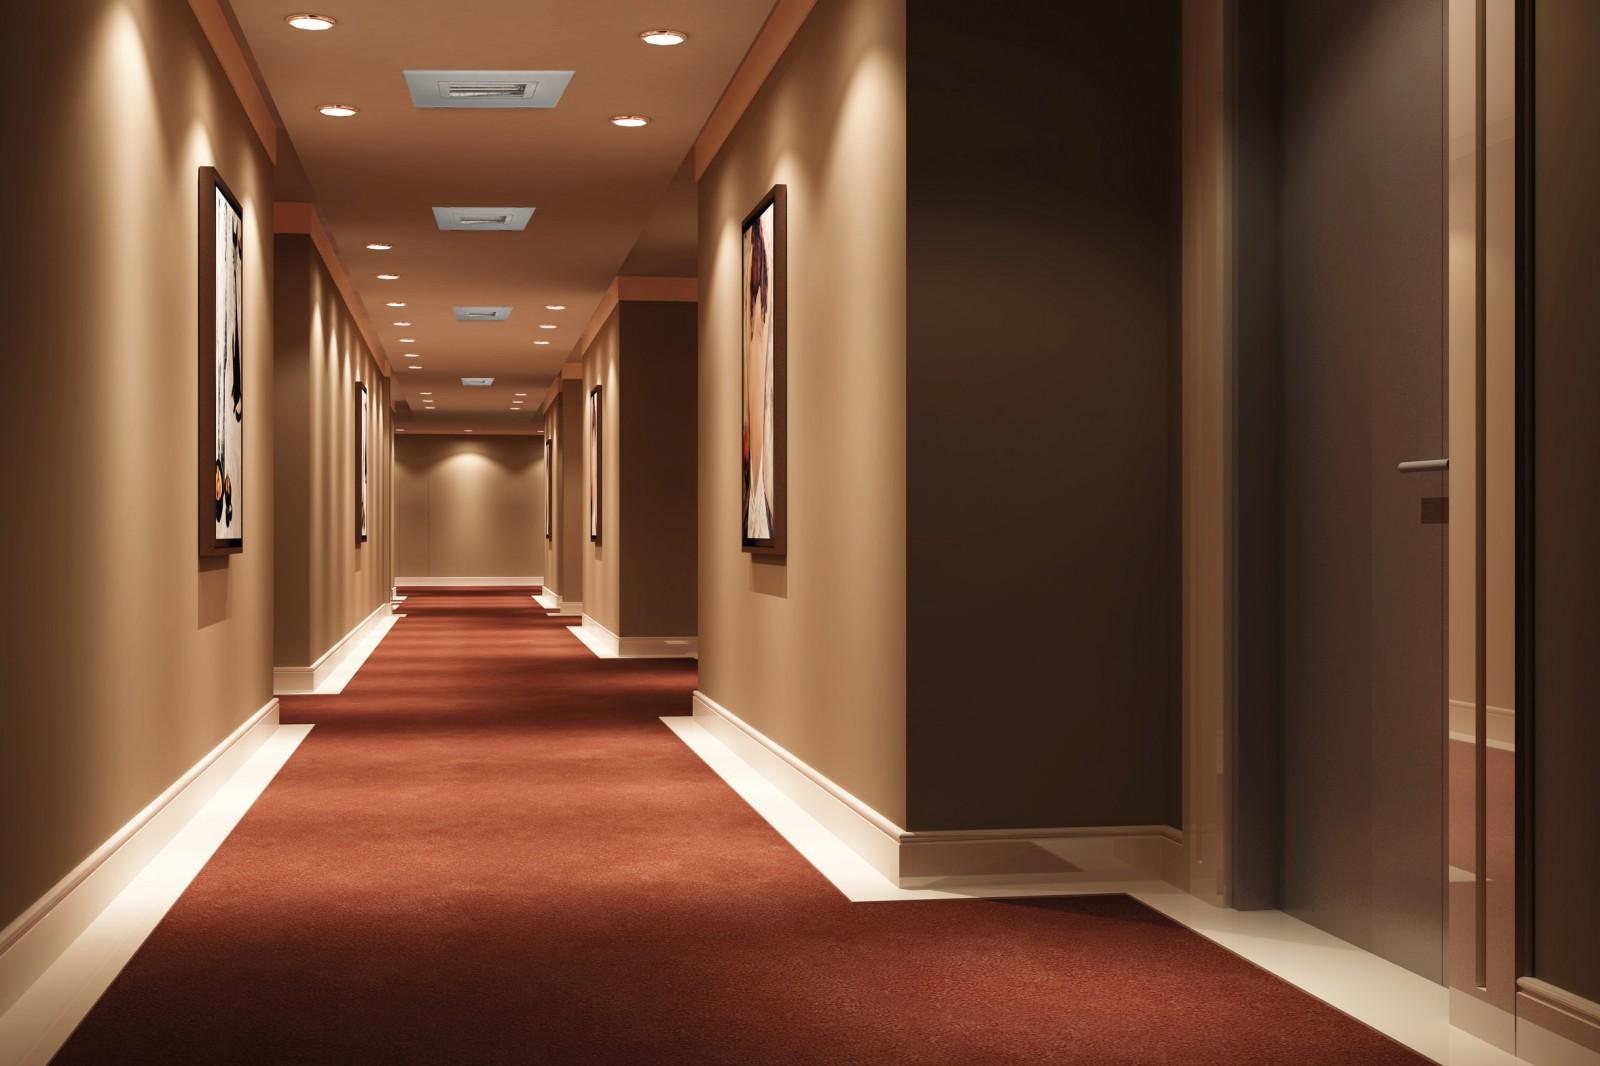 ir einbau heizstrahler burda smartframe 2000 watt ip20 infrarotstrahler f r terrasse garten. Black Bedroom Furniture Sets. Home Design Ideas